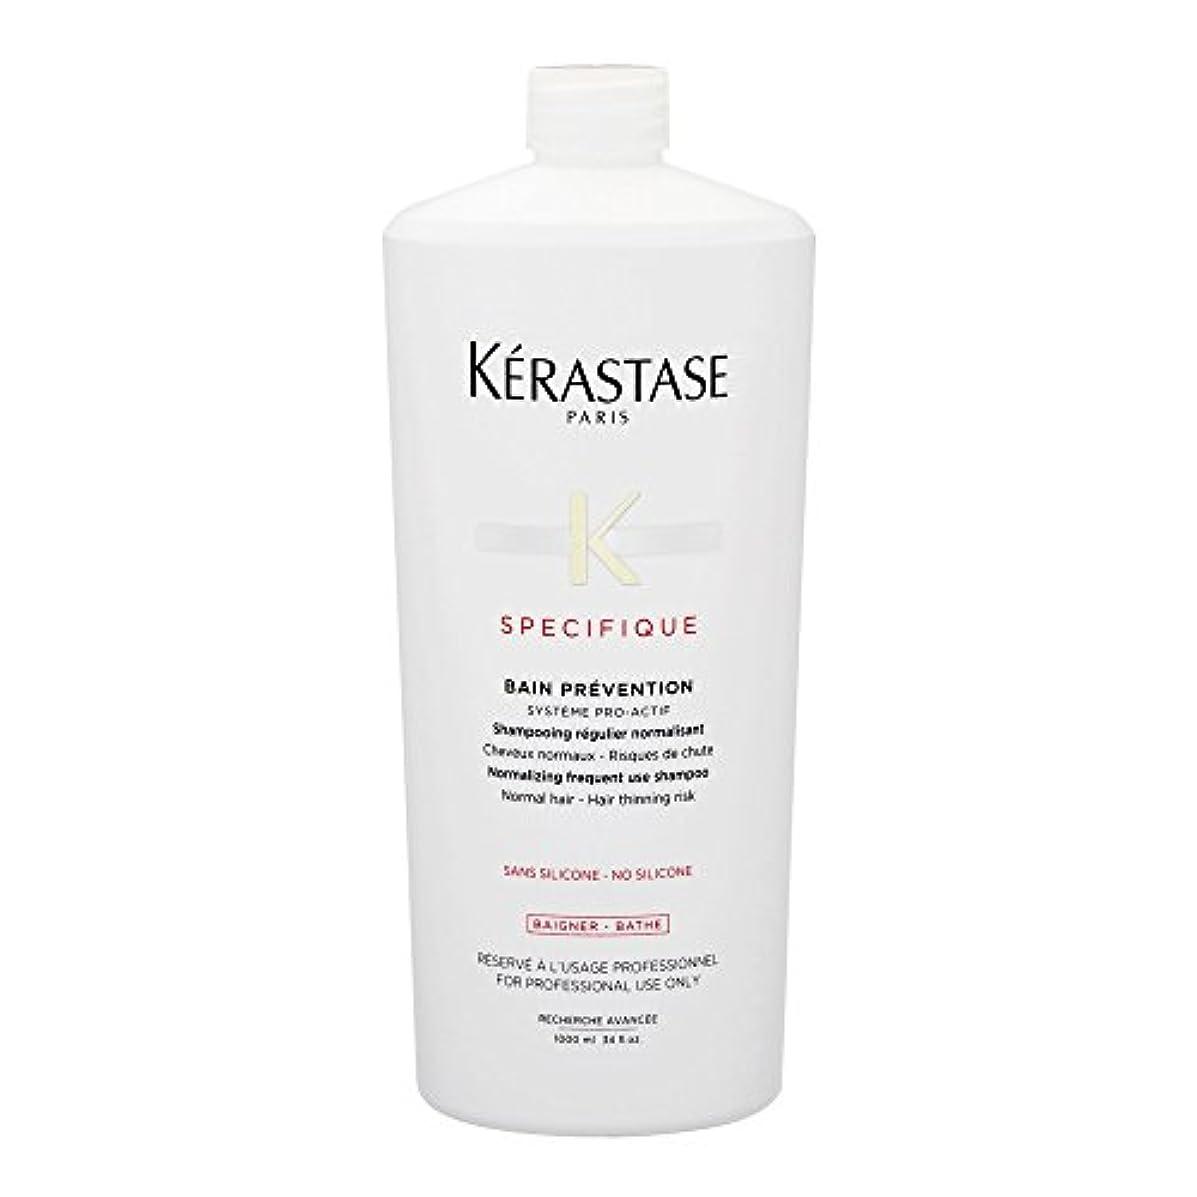 希望に満ちた上に悪性ケラスターゼ(KERASTASE) スペシフィック SP バン プレバシオン EX<ビッグサイズ> 1000ml [並行輸入品]